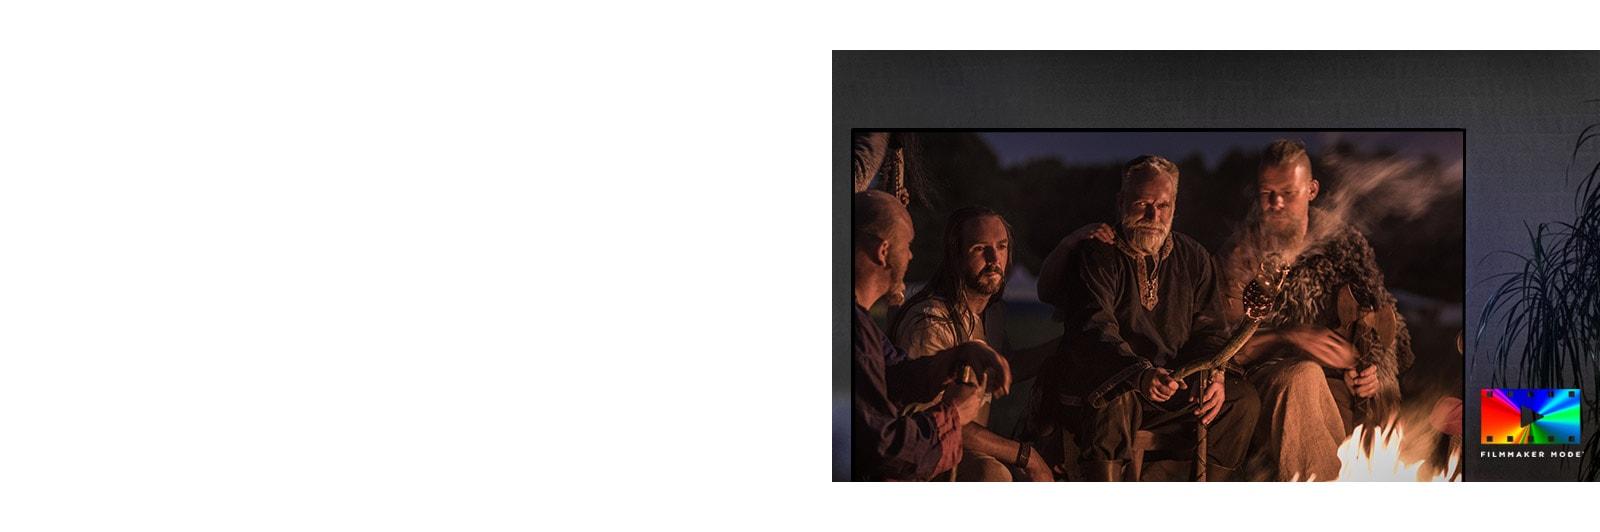 LG OLED55CXPTA FILMMAKER MODE